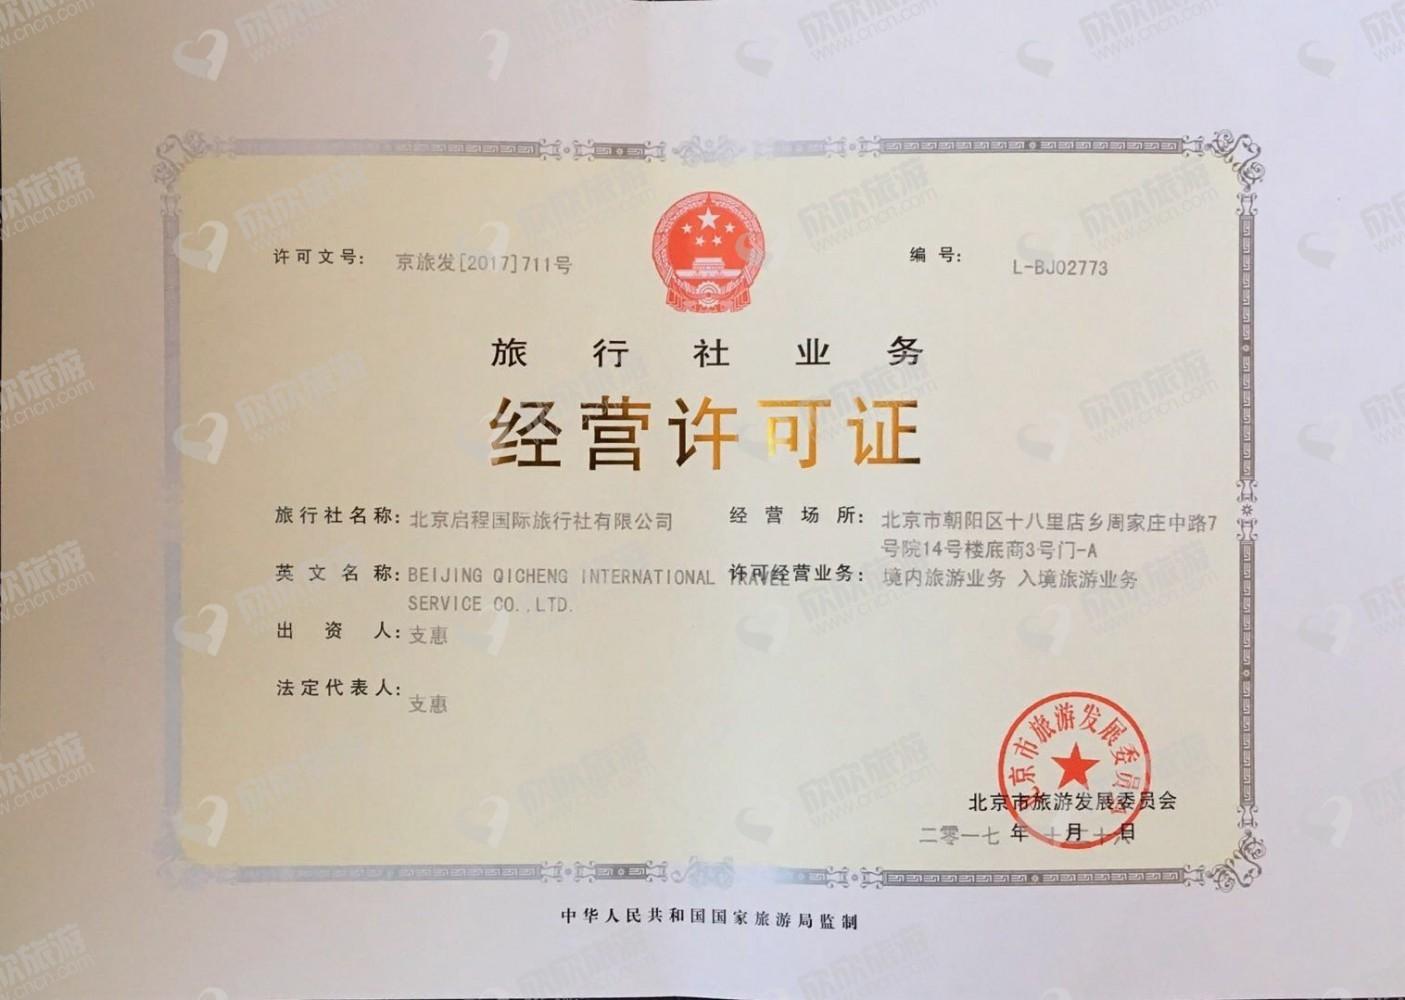 北京启程国际旅行社有限公司经营许可证